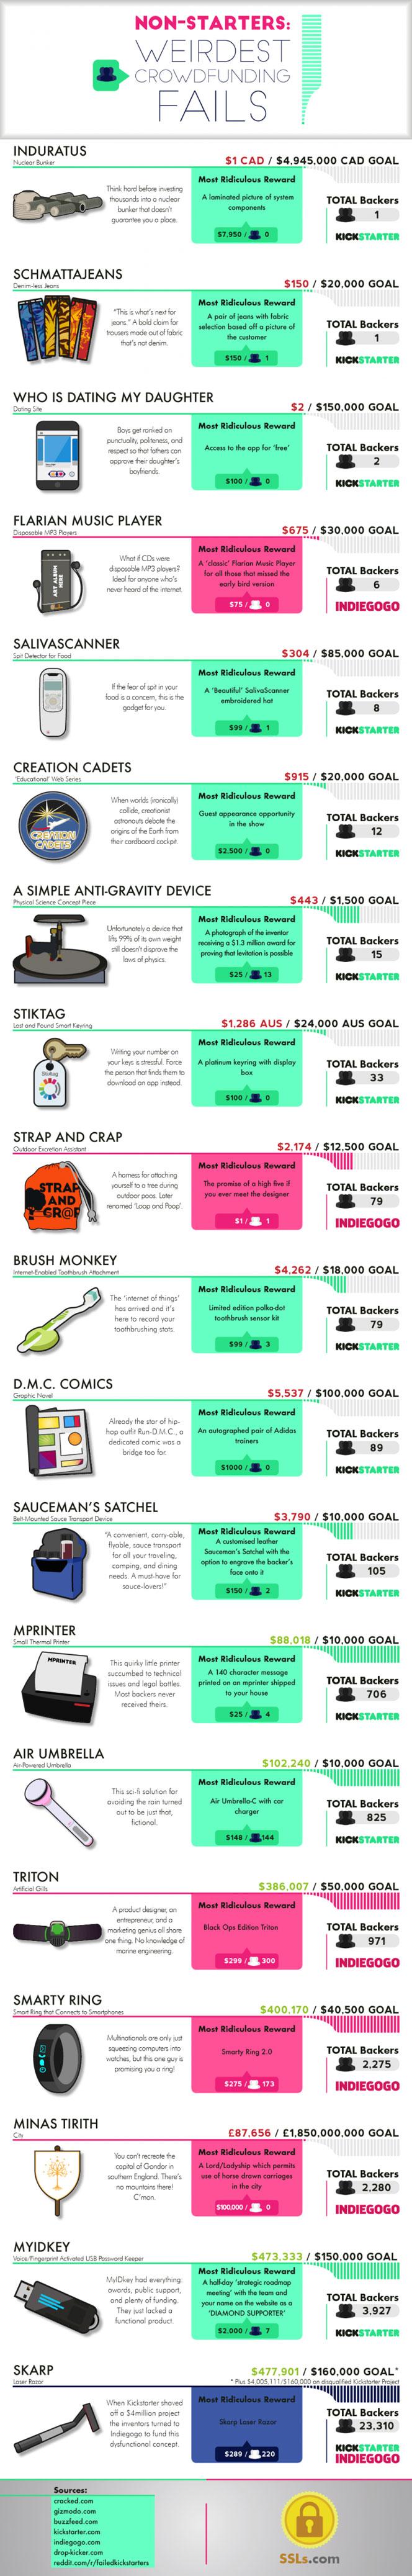 Weirdest-crowdfunding-fails